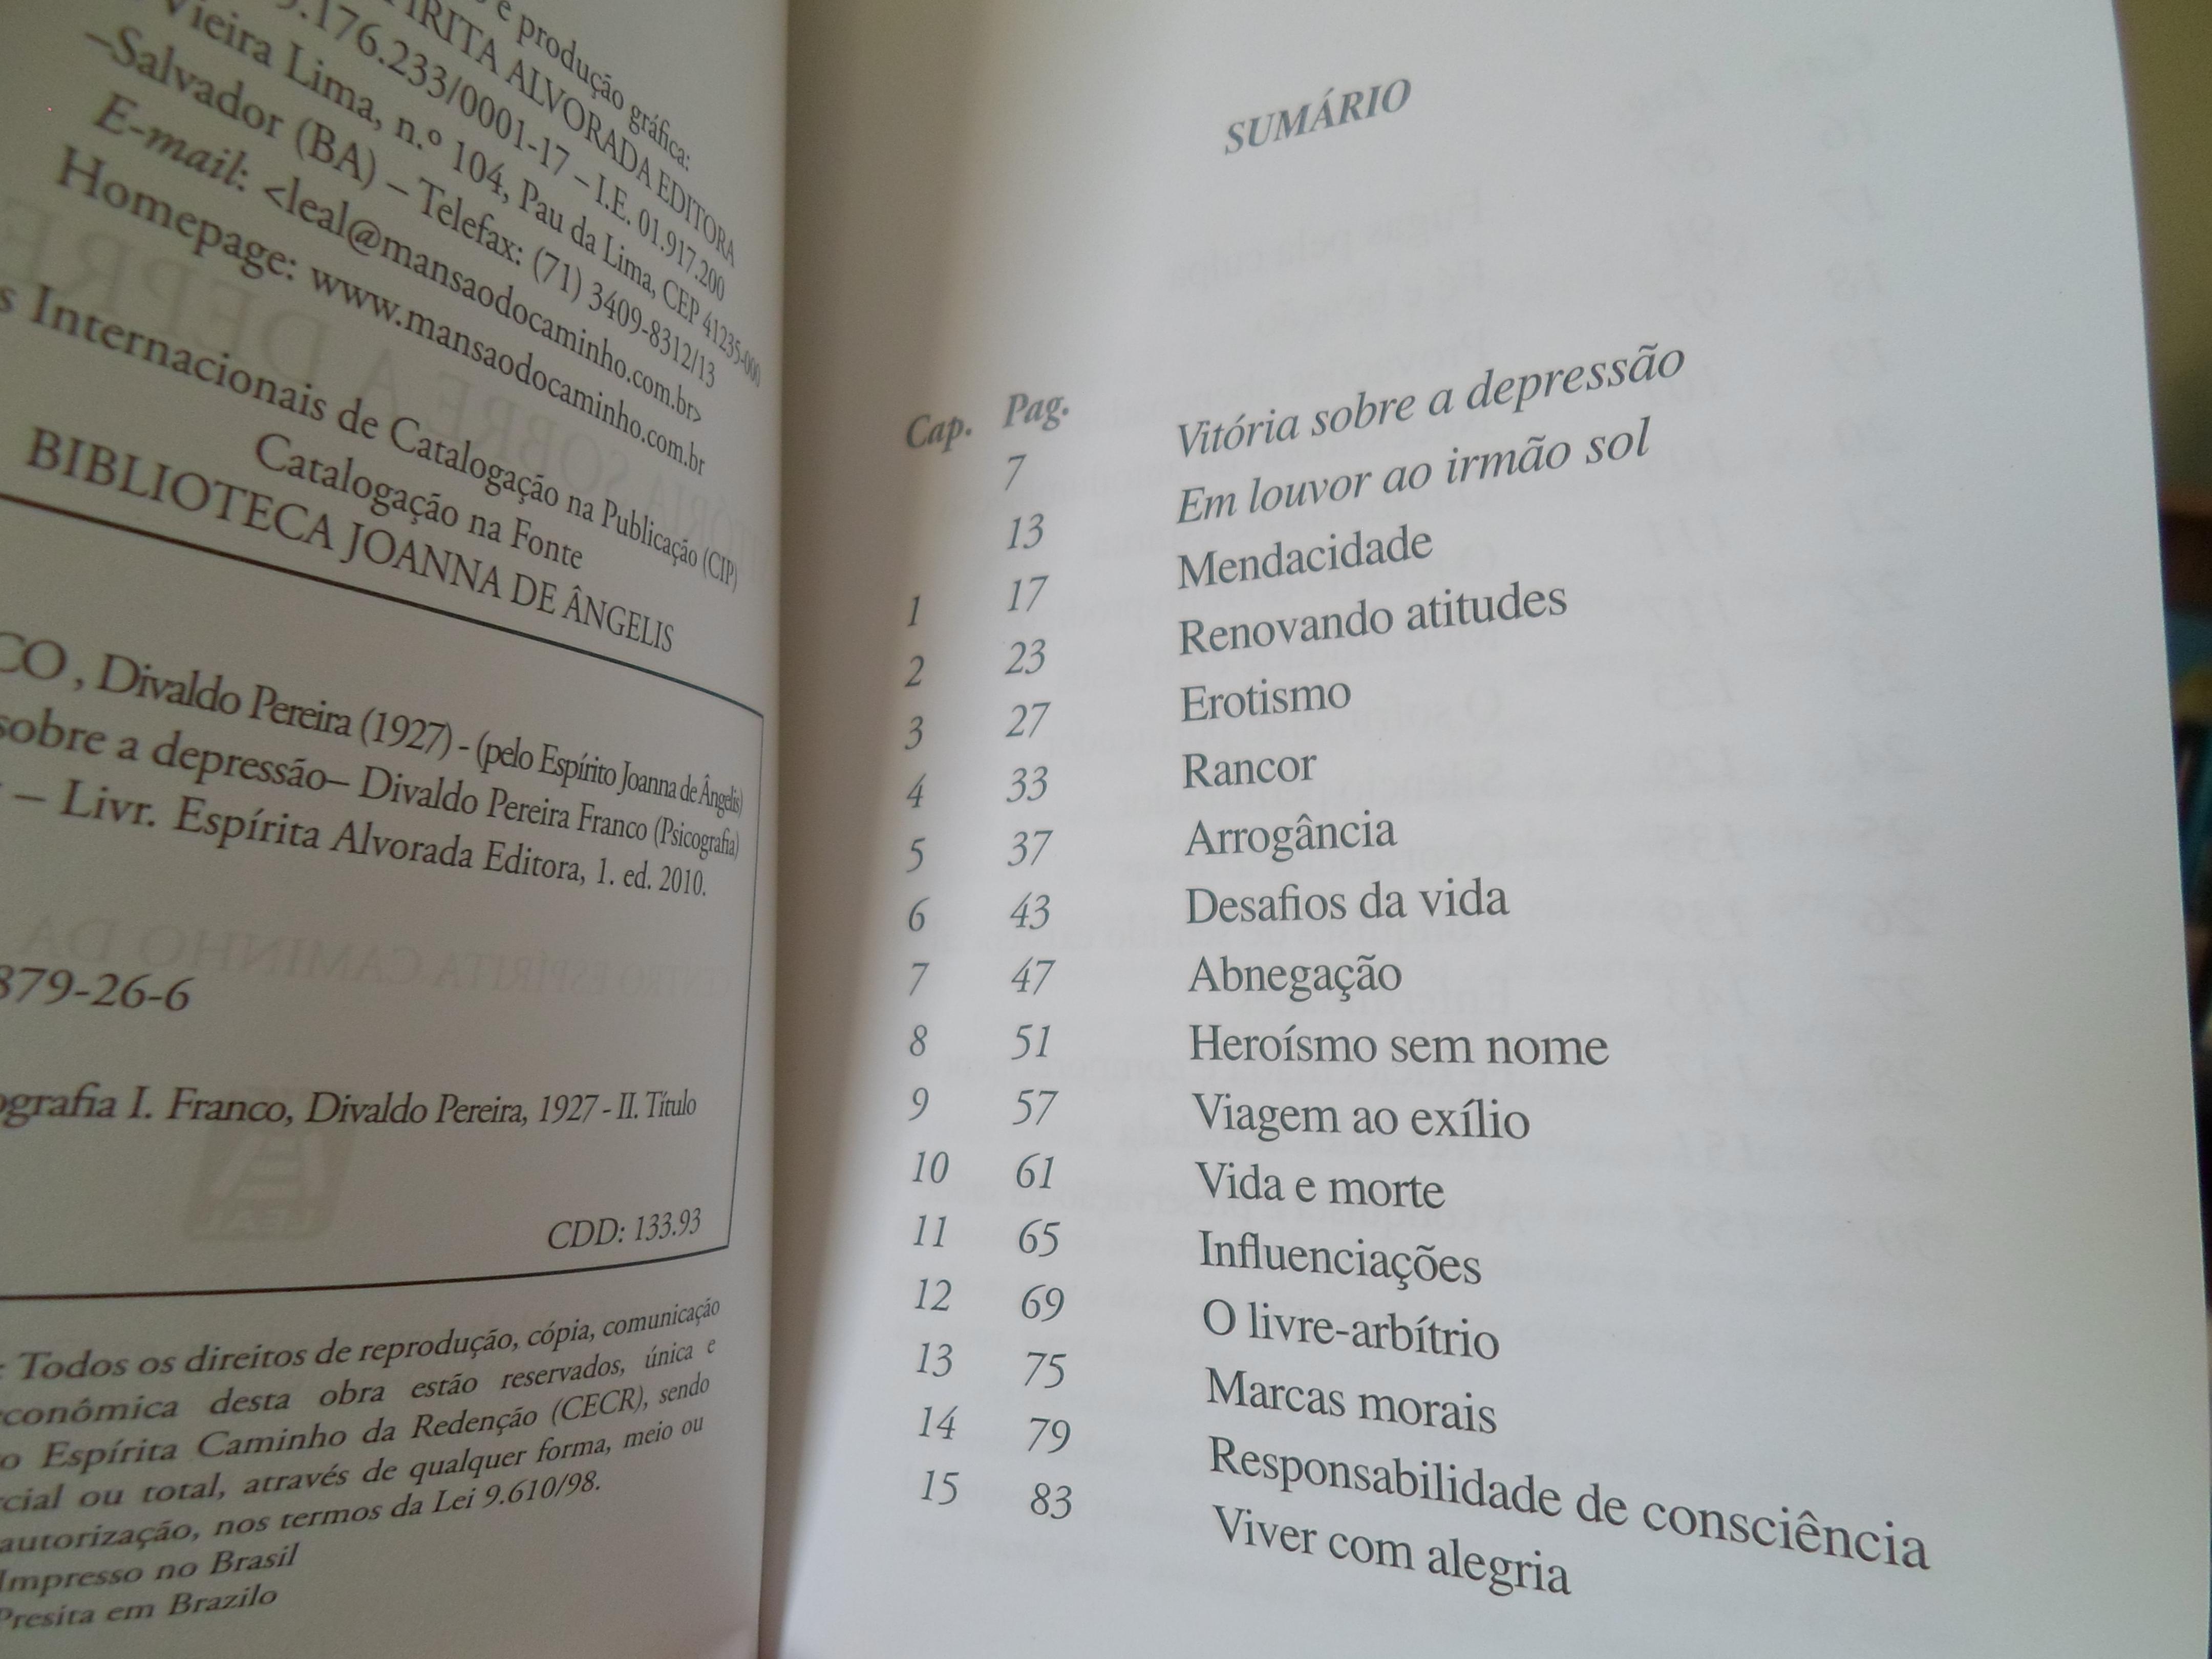 VitóriaDepressão03